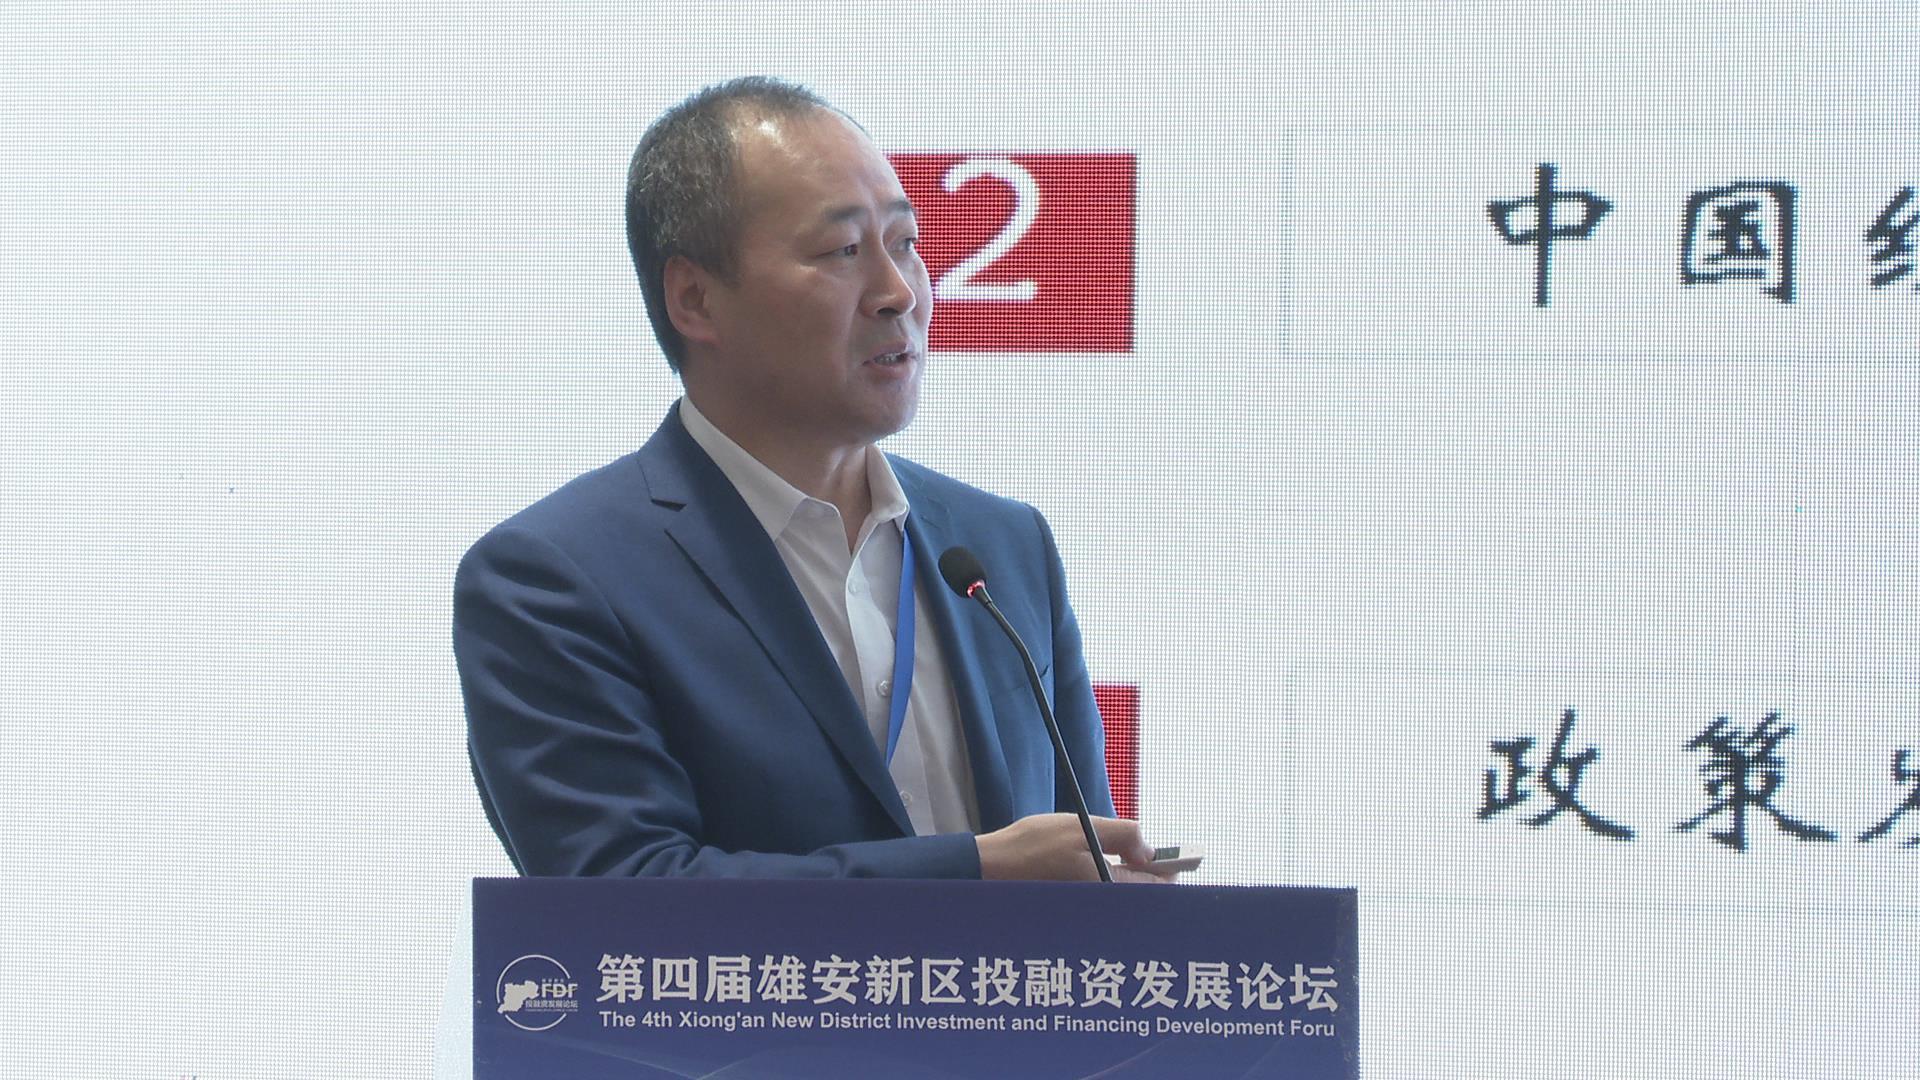 万博新经济研究院院长滕泰:中国经济增长结构需要改善三个不平衡性